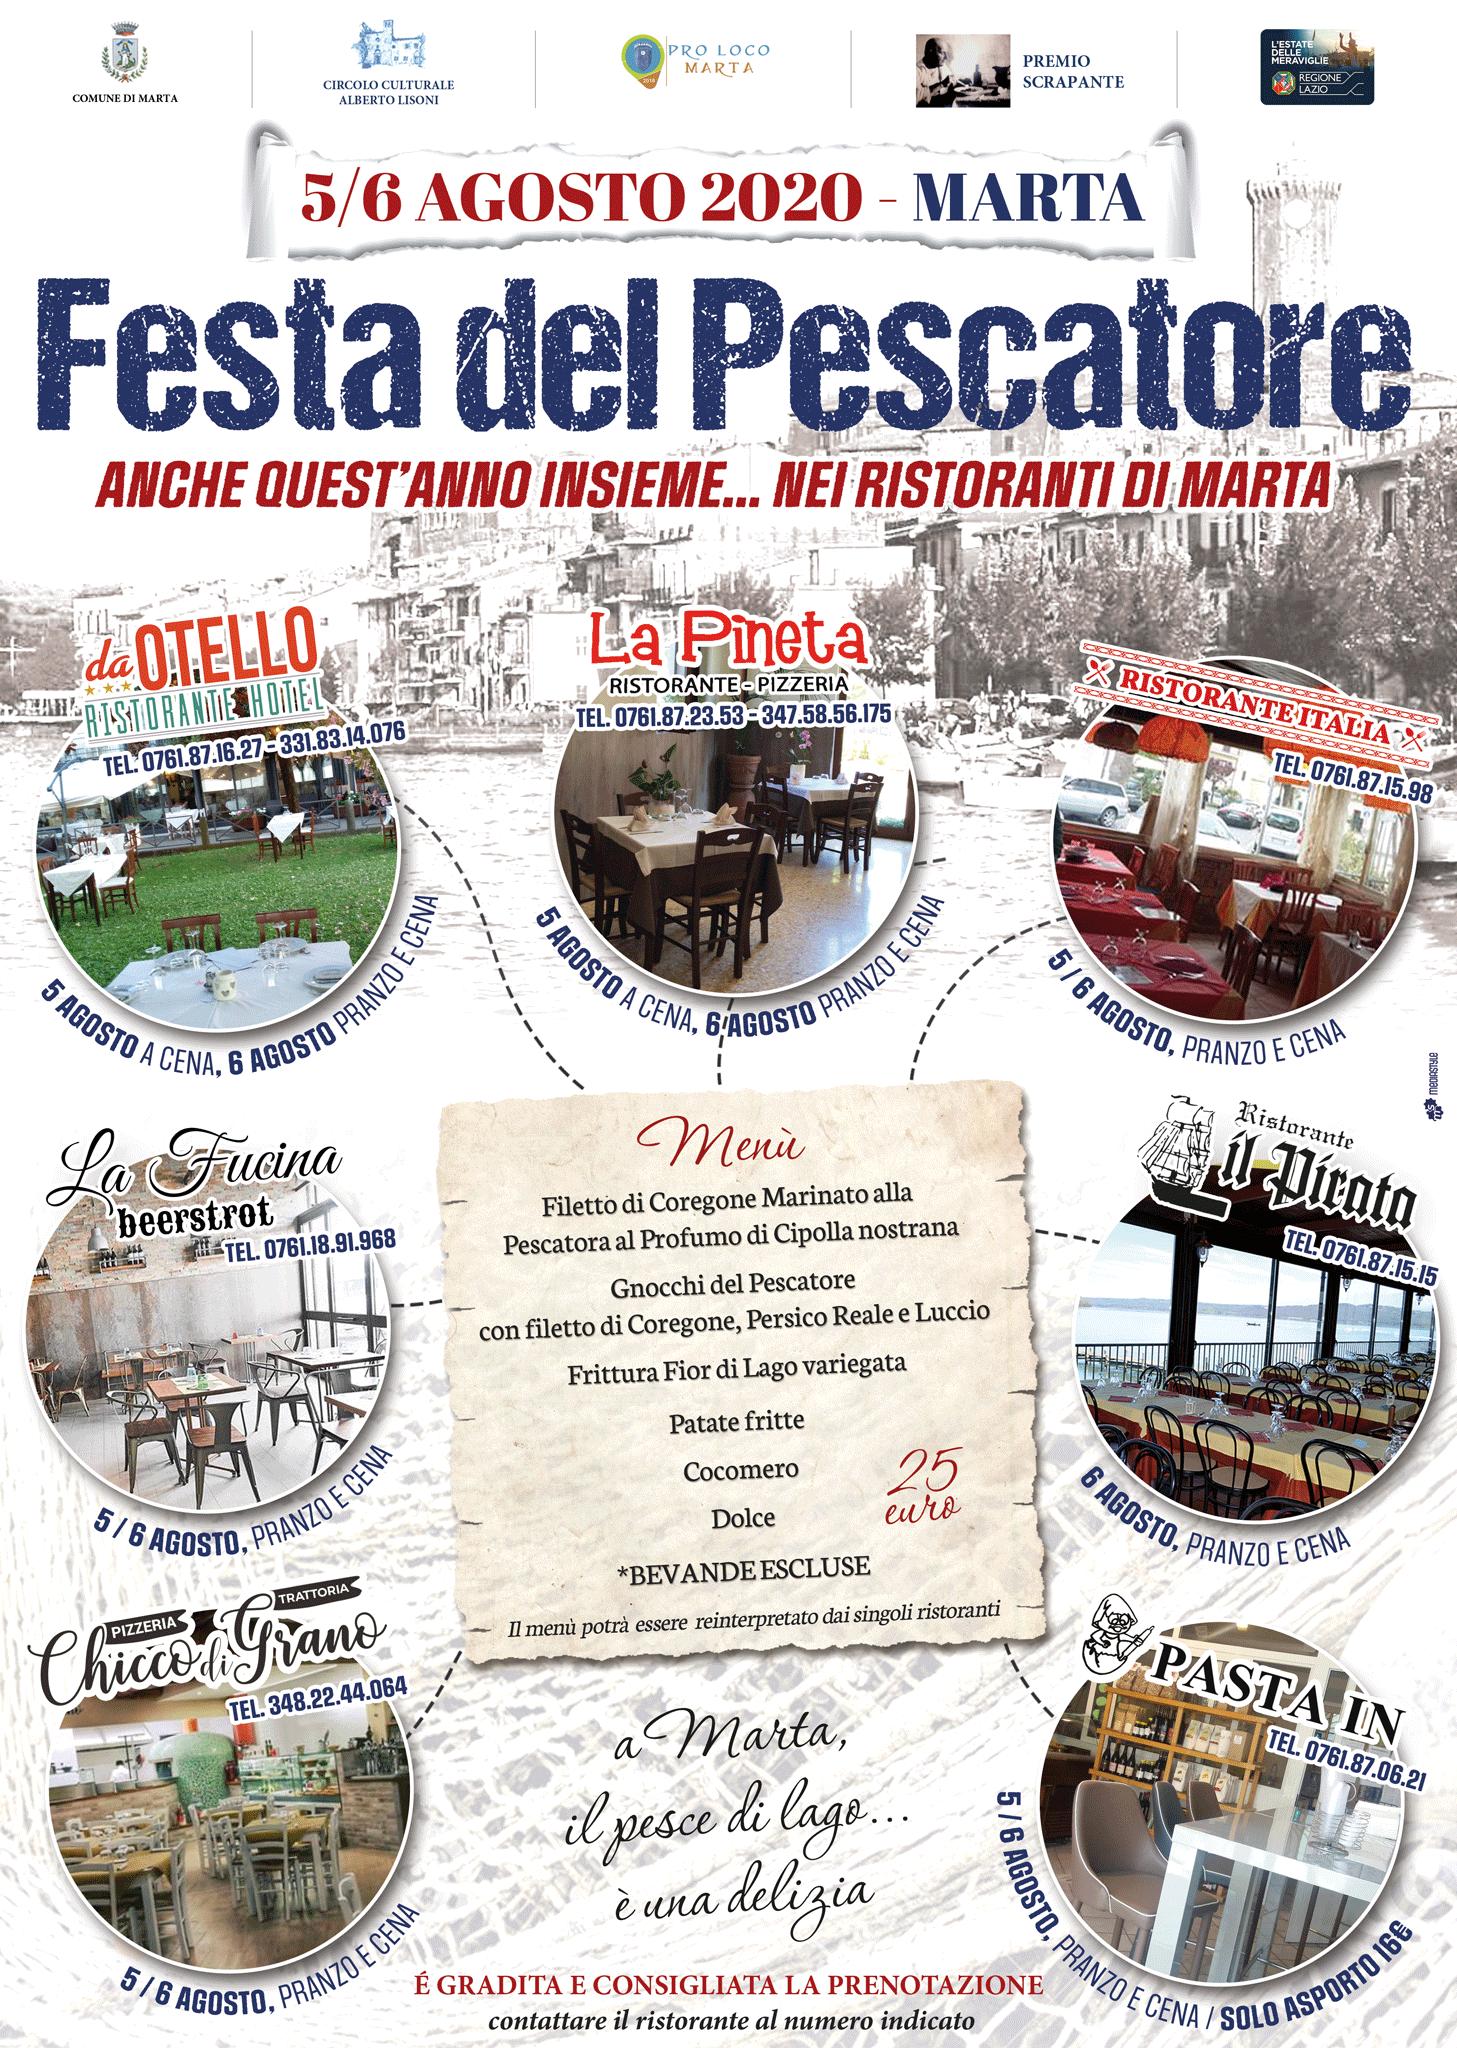 5/6 Agosto 2020 - Festa del Pescatore